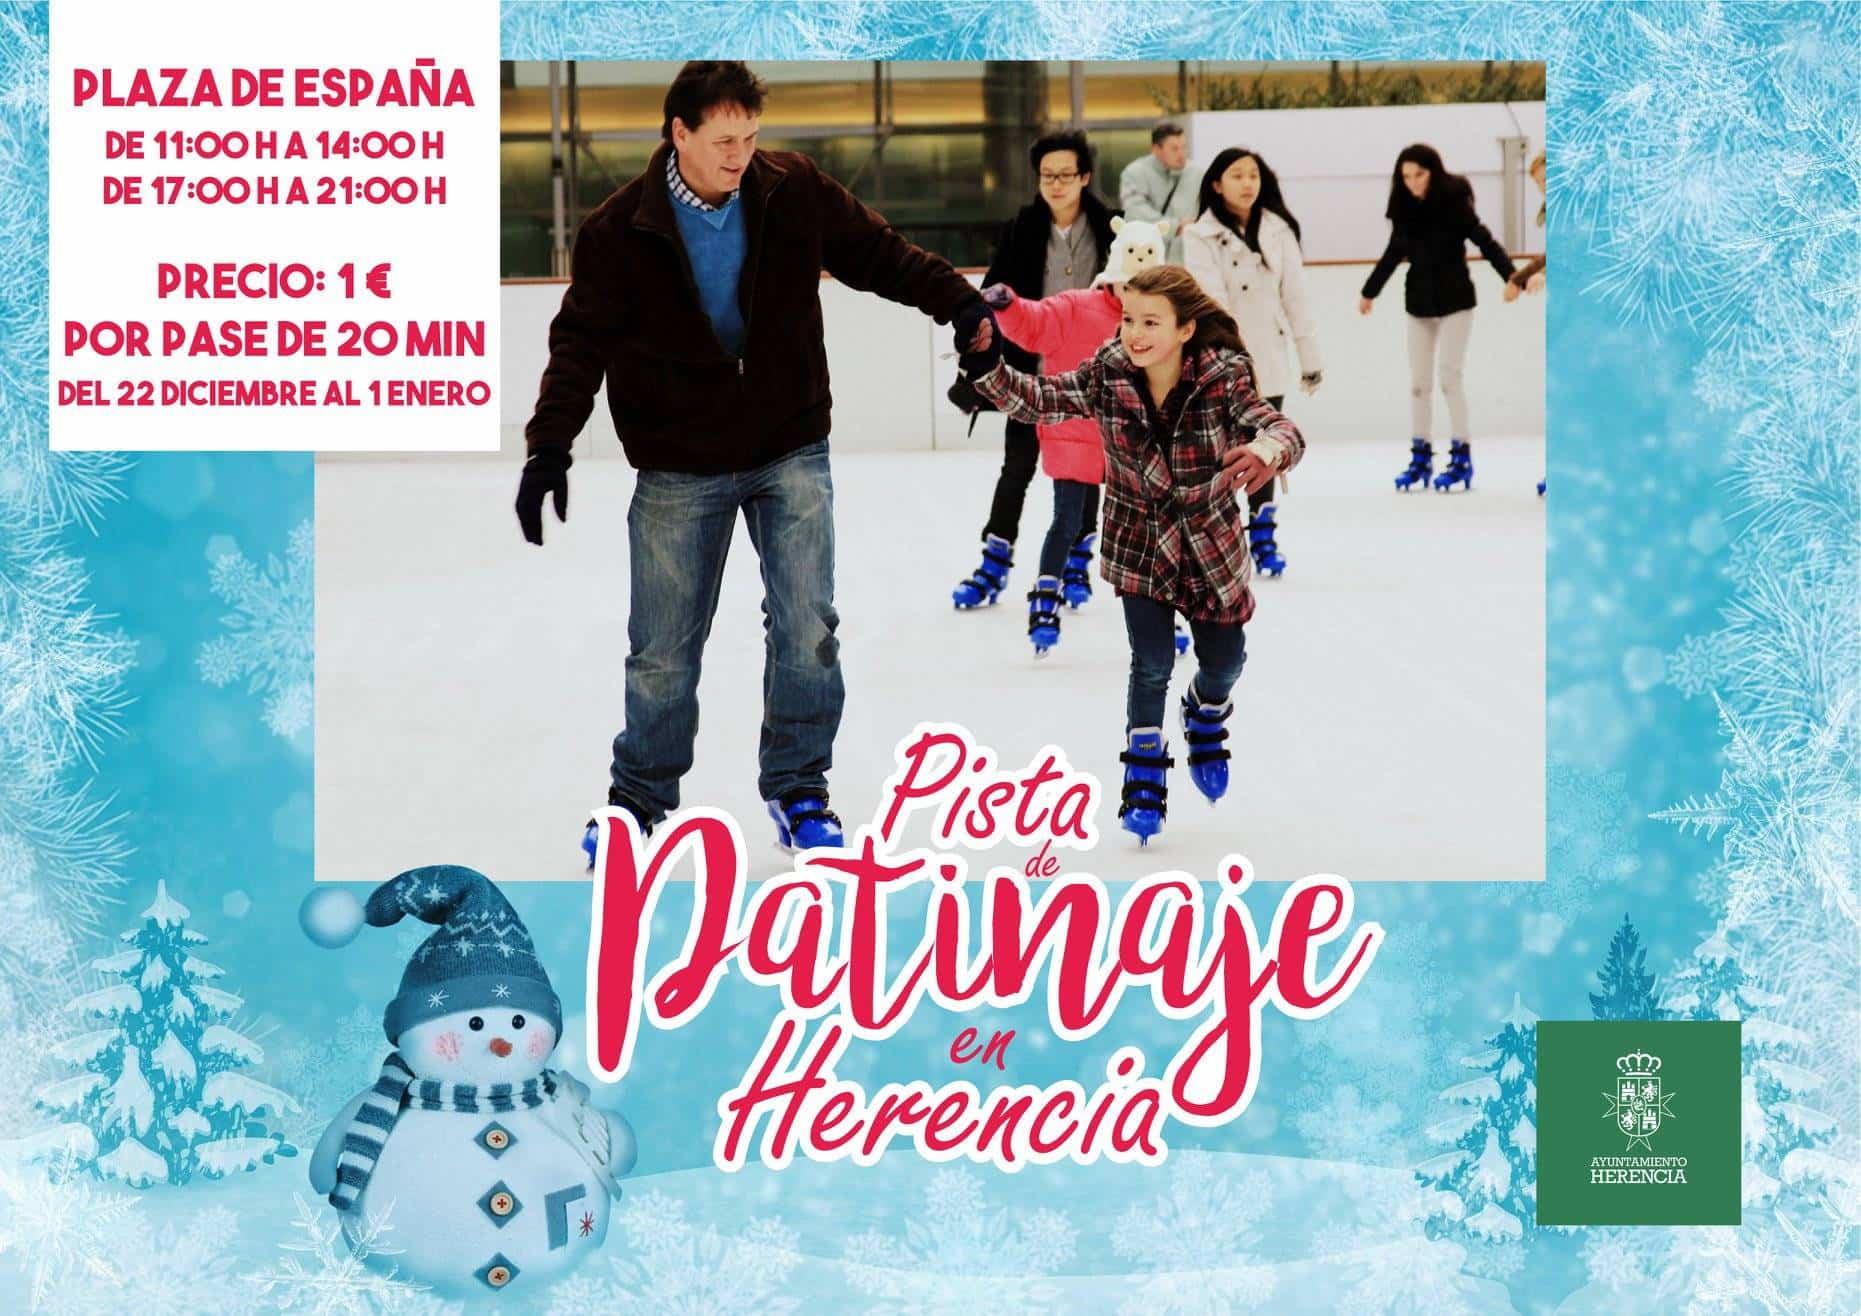 pista de patinaje en herencia 2018 - Herencia contará nuevamente con una pista de patinaje en navidad